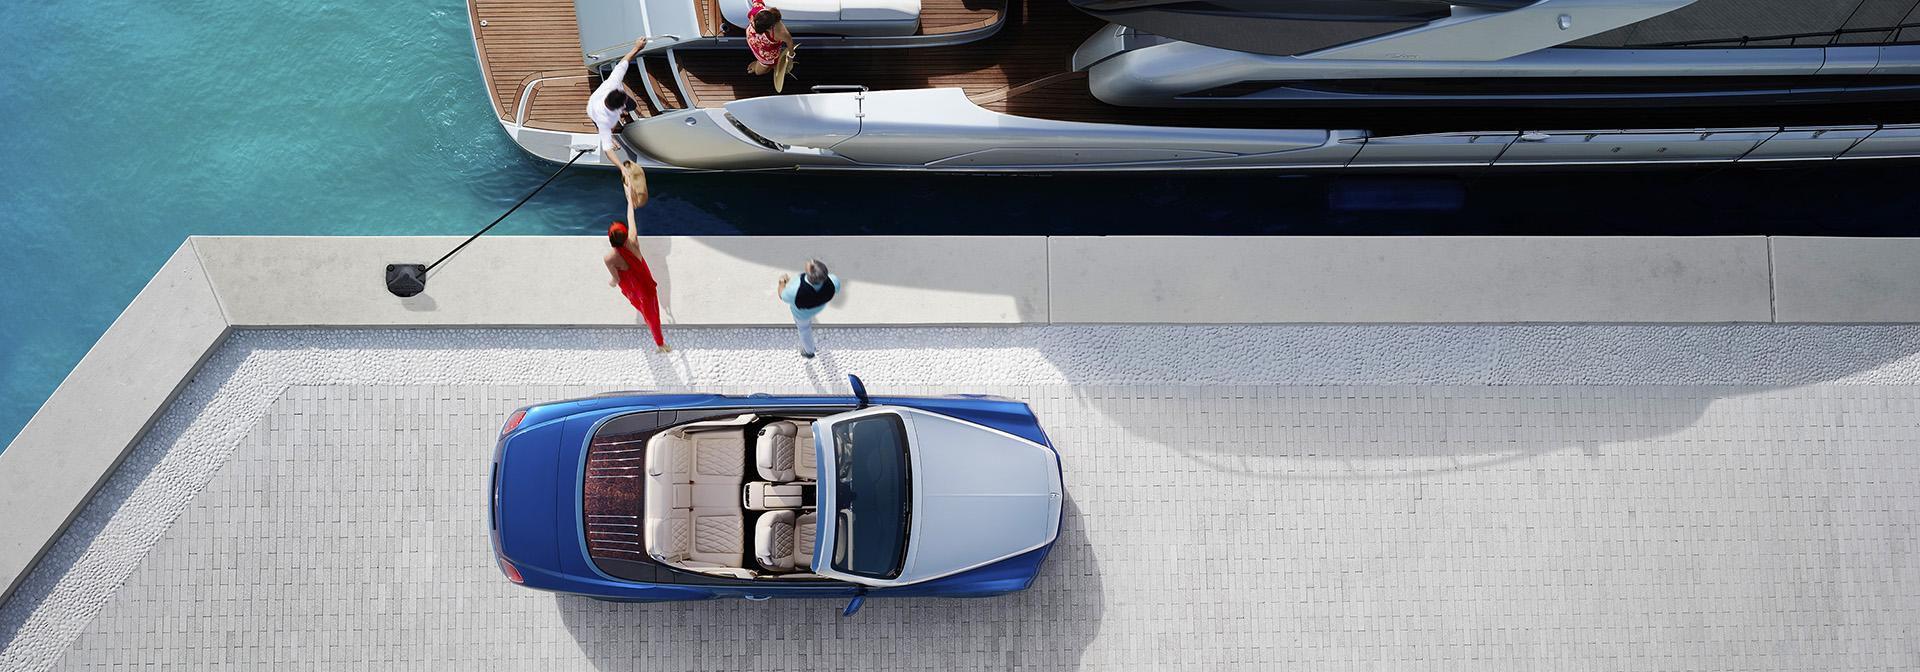 Bentley Motors Website: Models: Concepts: Grand Convertible Concept